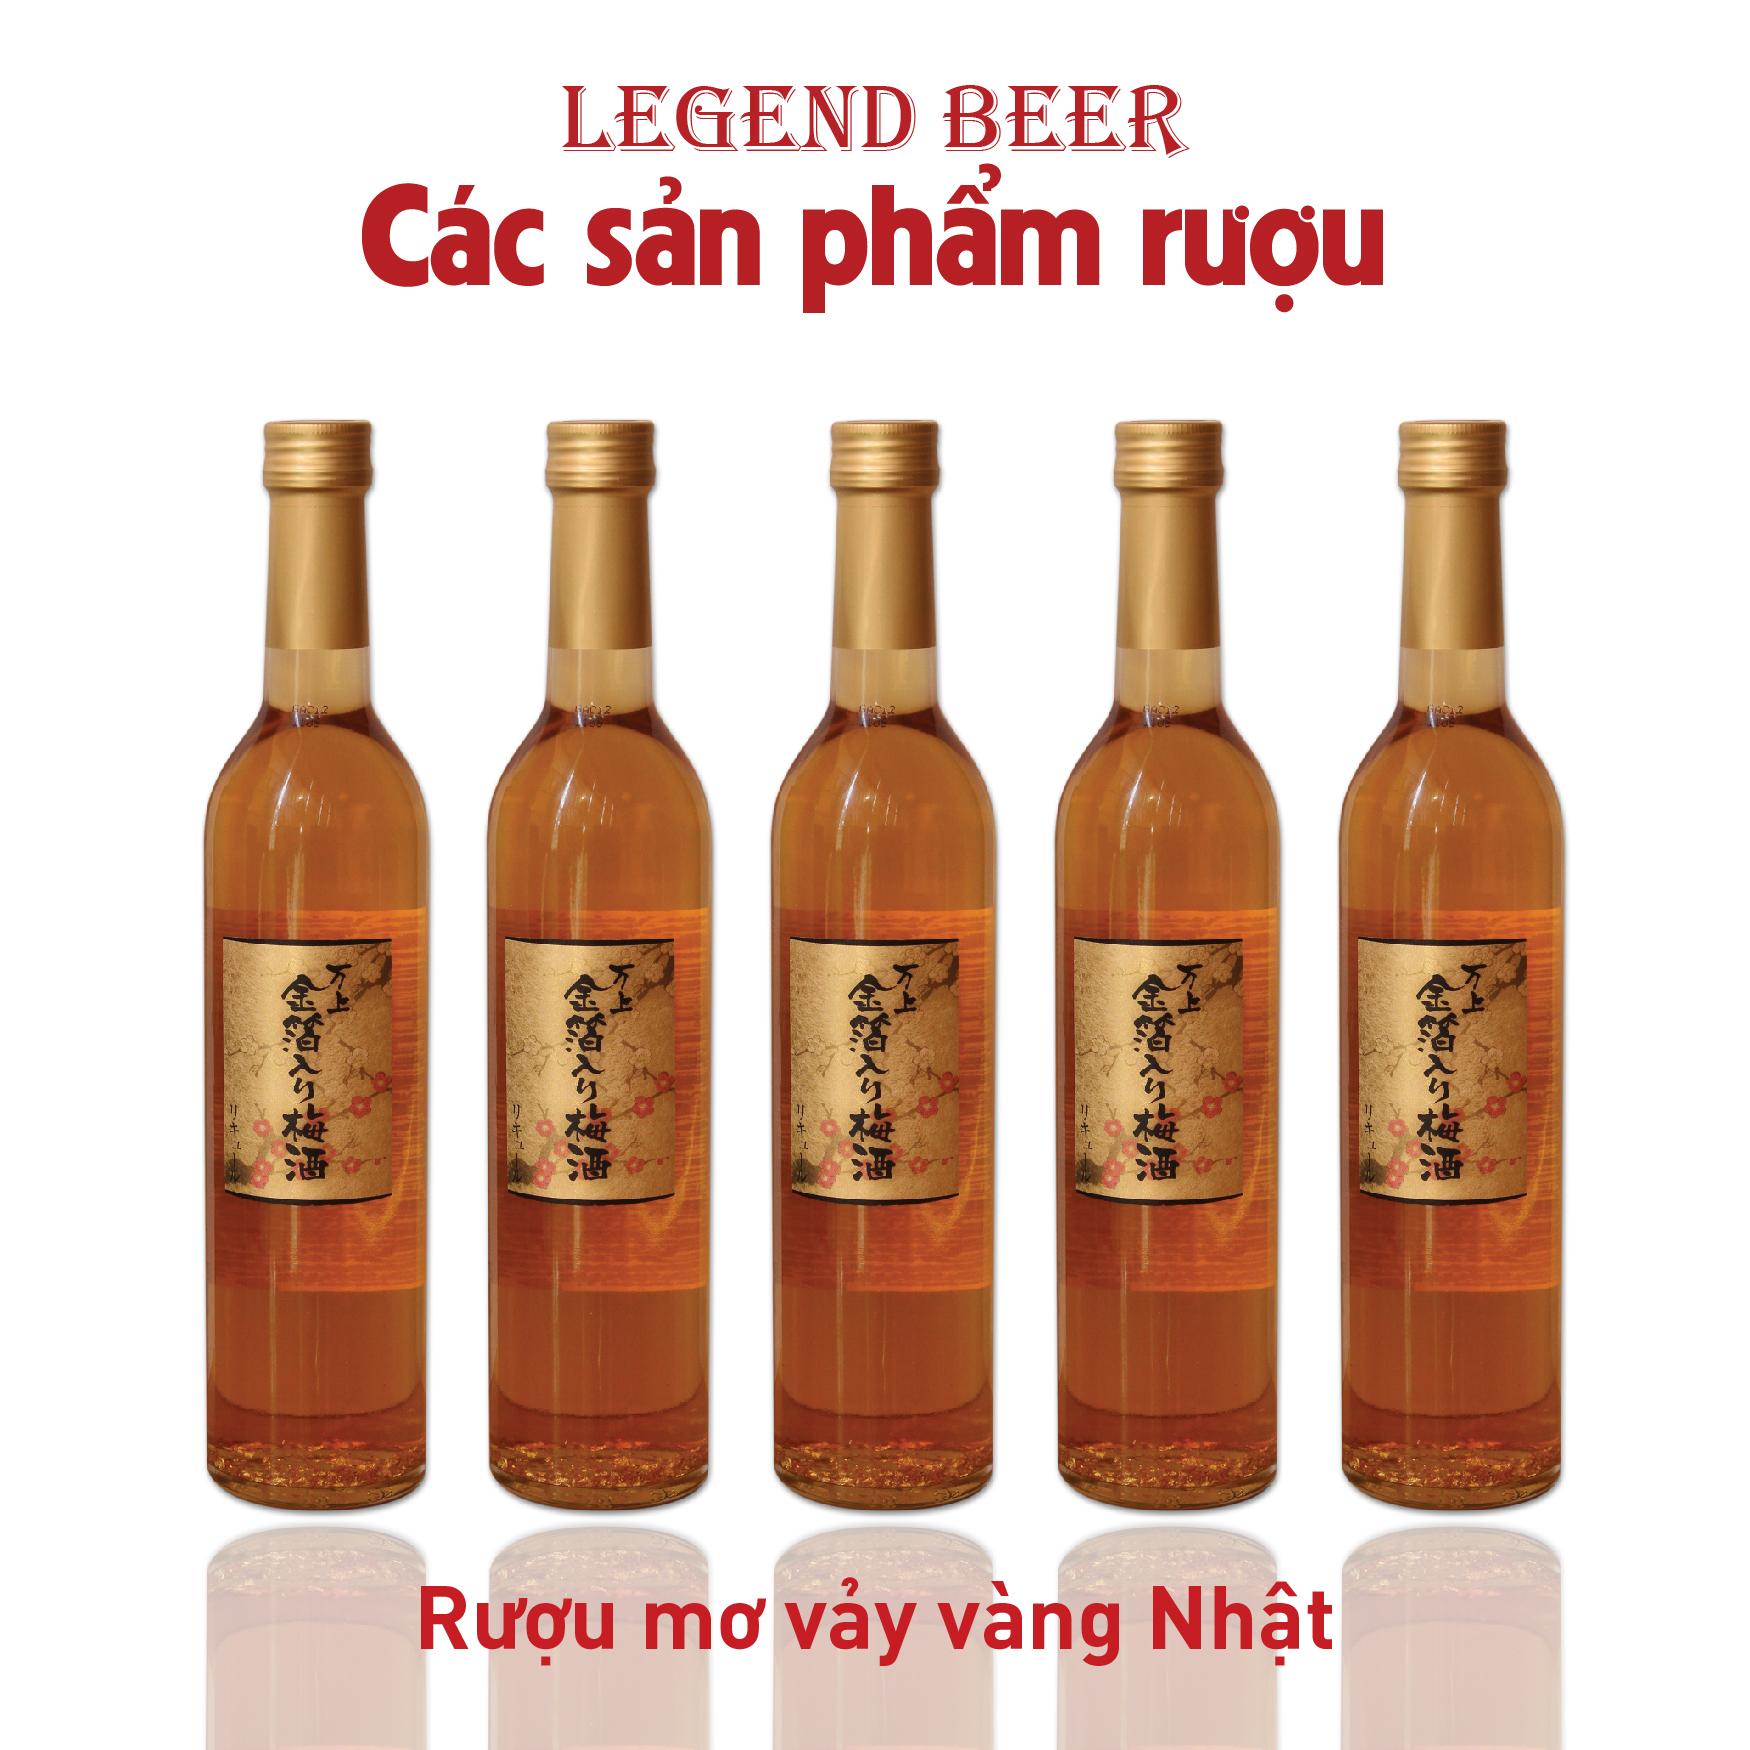 Rượu mơ vảy vàng Choya Nhật